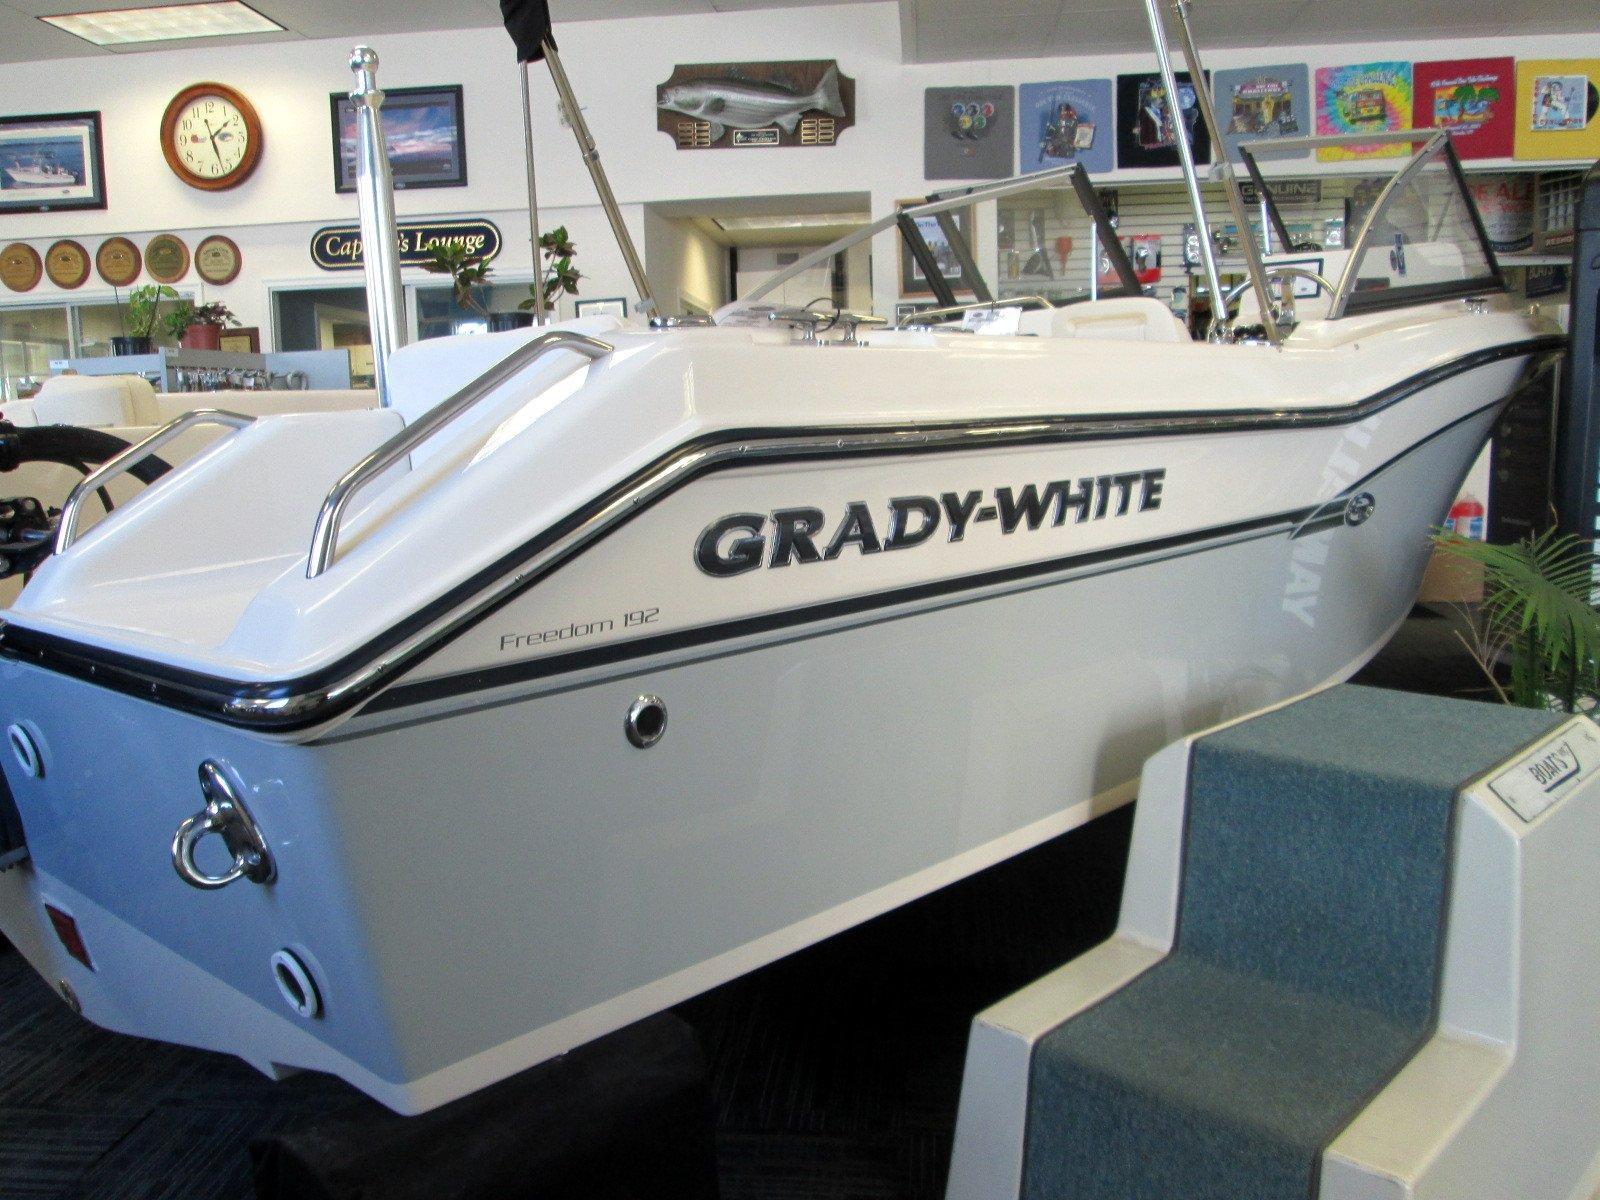 Grady-WhiteFreedom 192